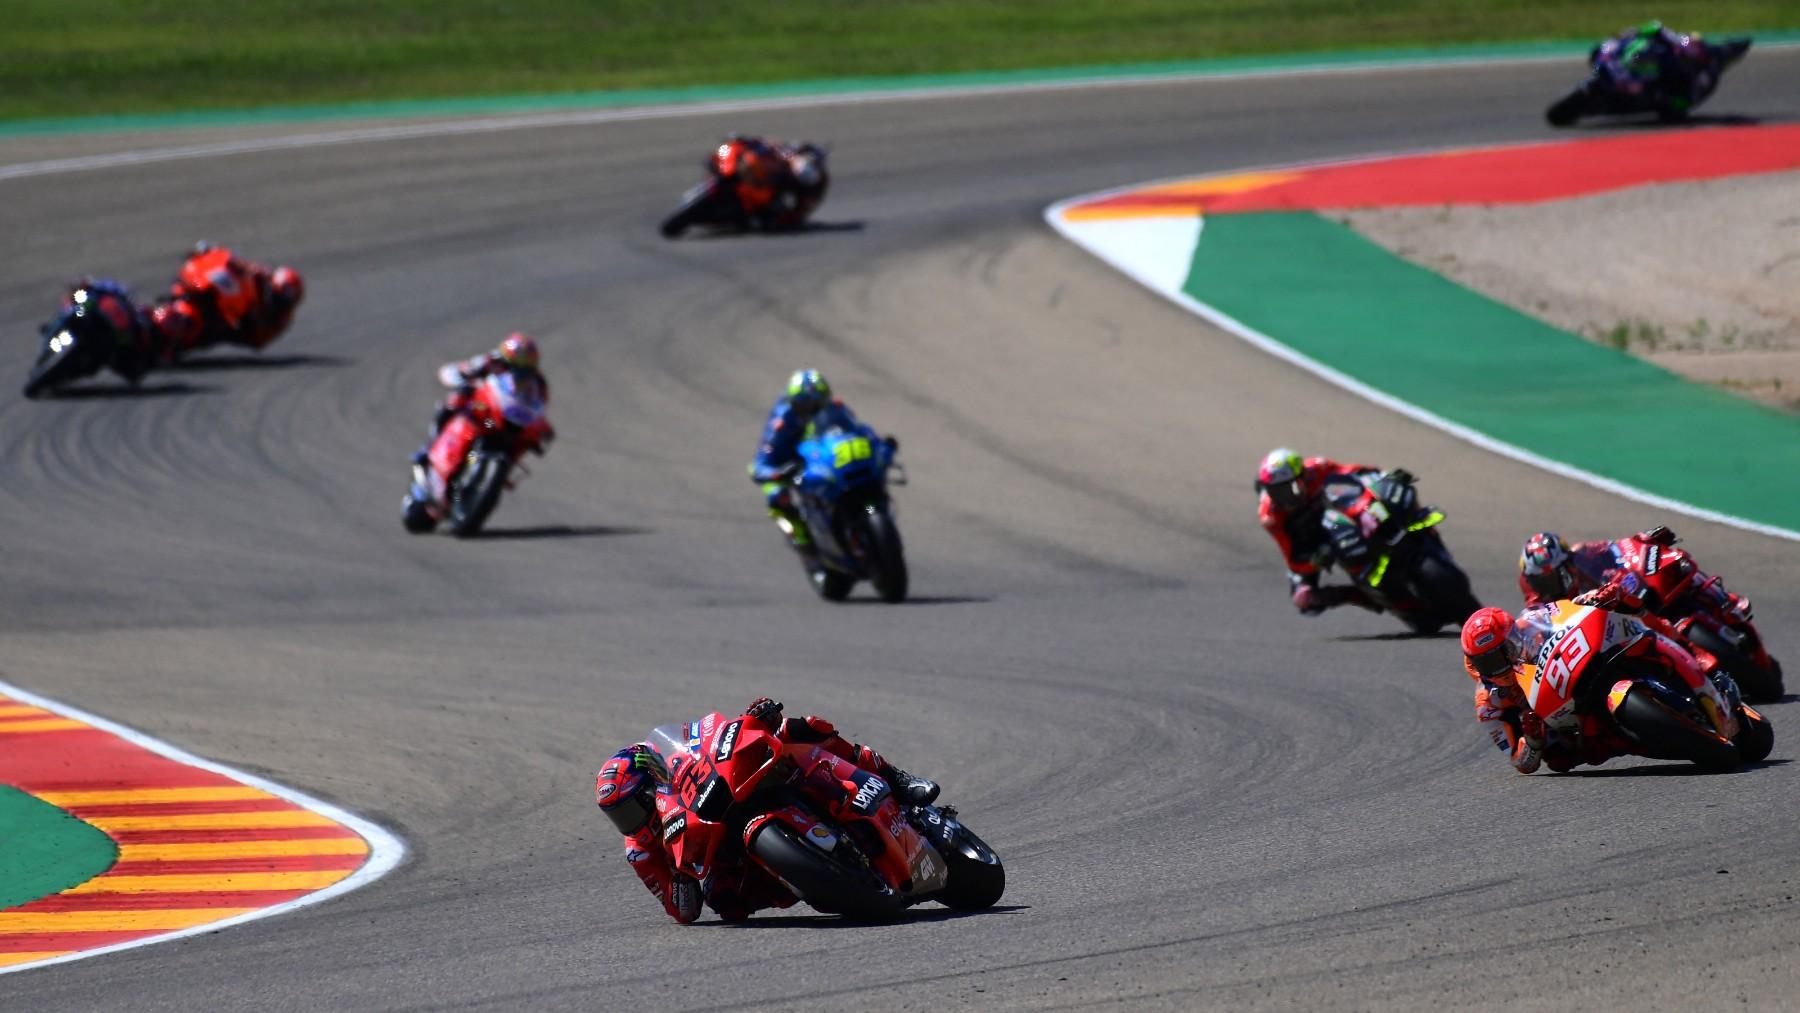 Los pilotos de MotoGP durante el GP de Aragón. (AFP)